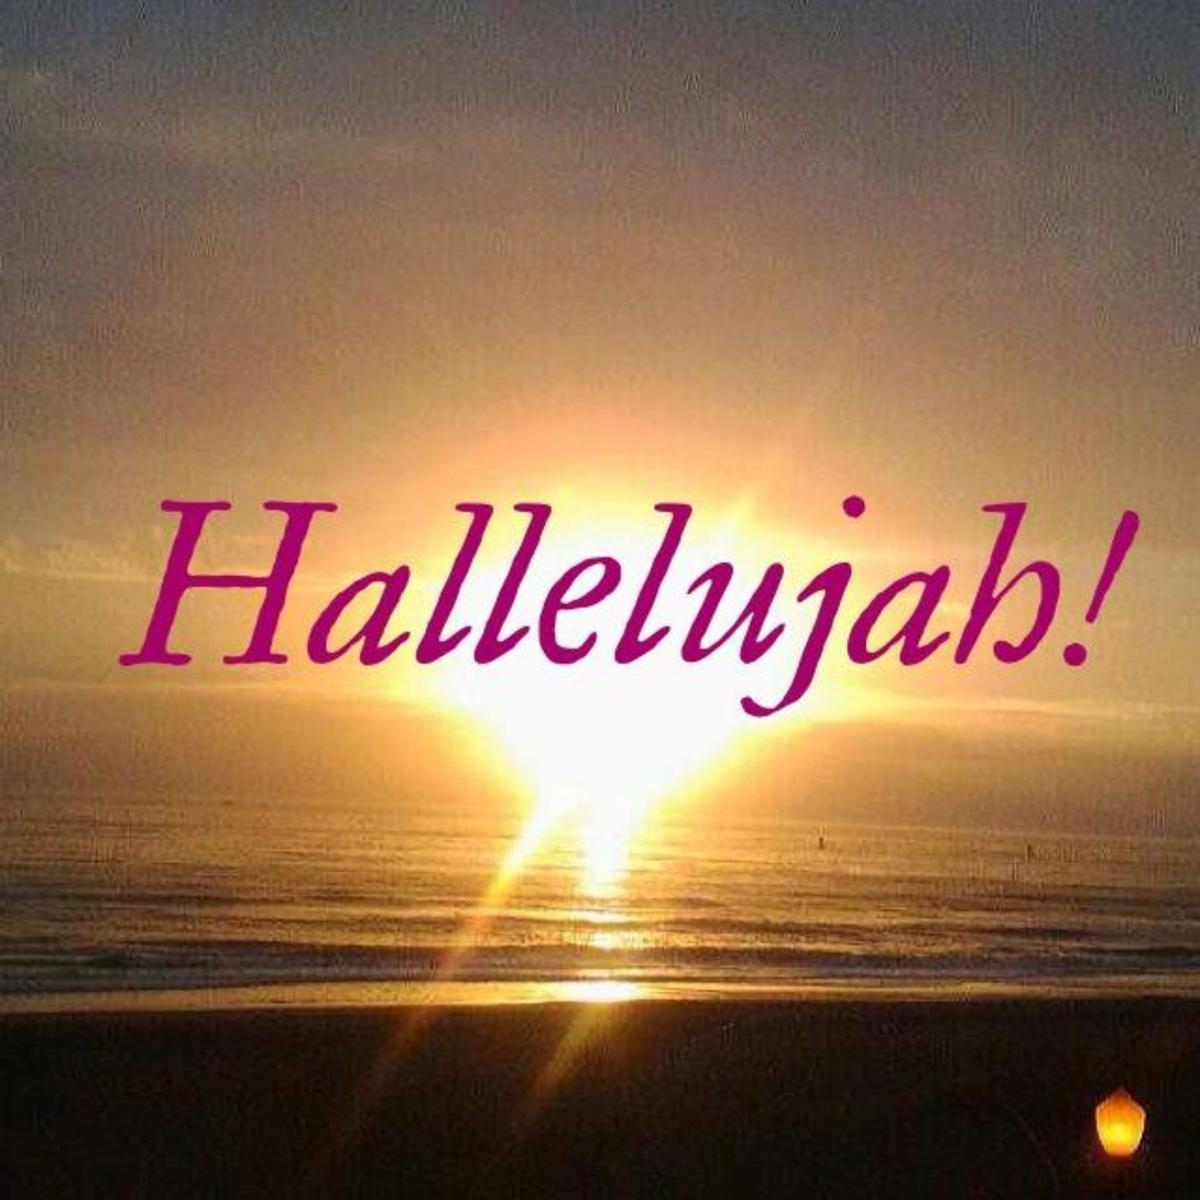 hallelujah-bible-word-study